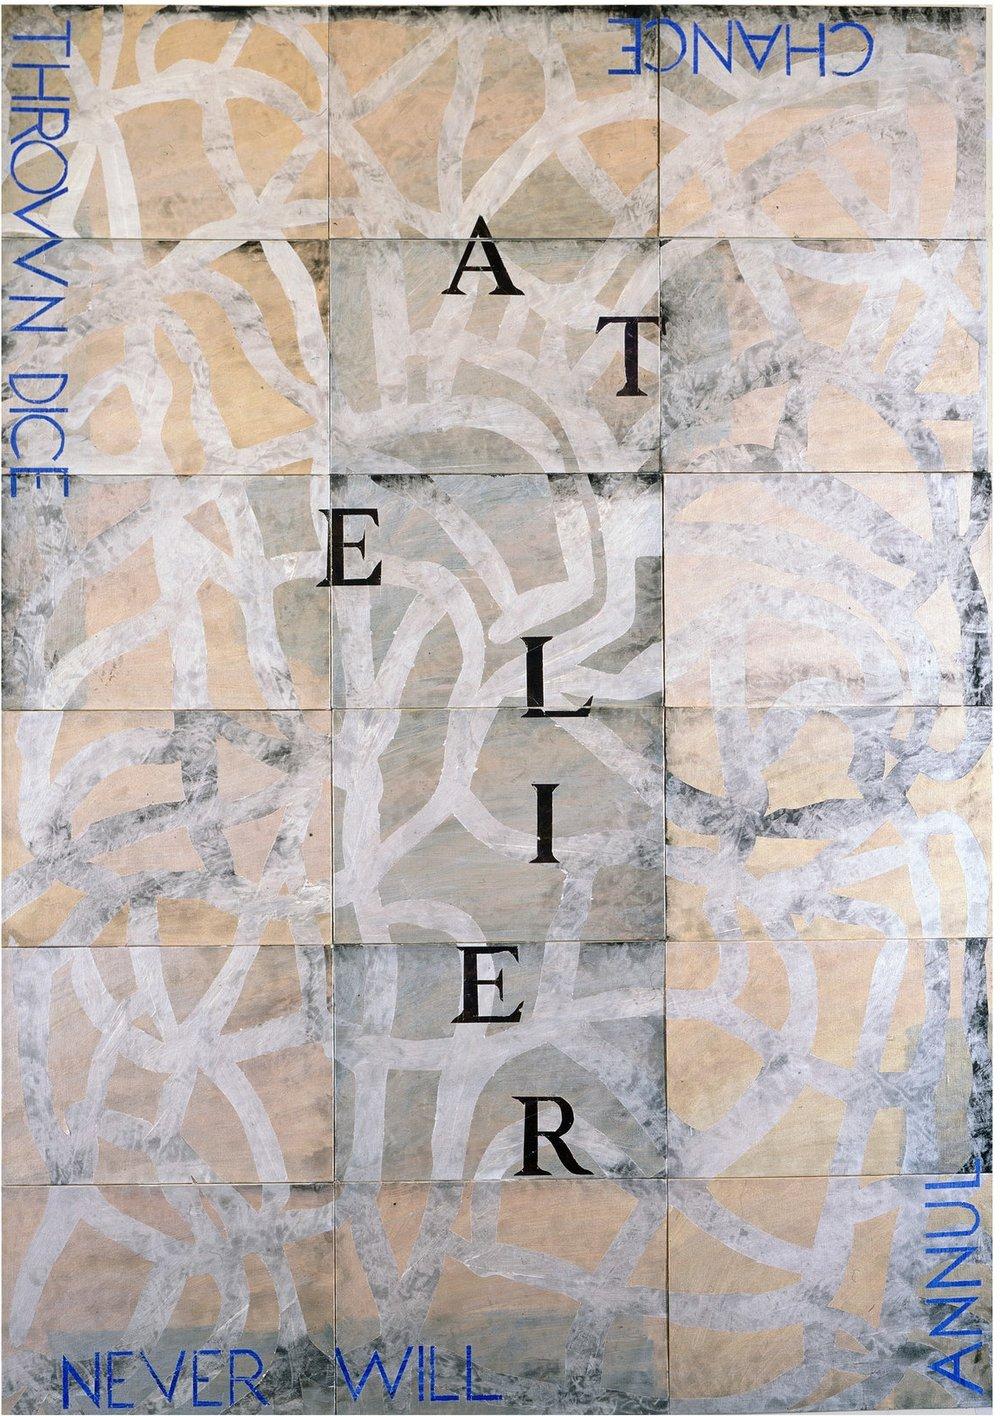 Atelier II, 2001